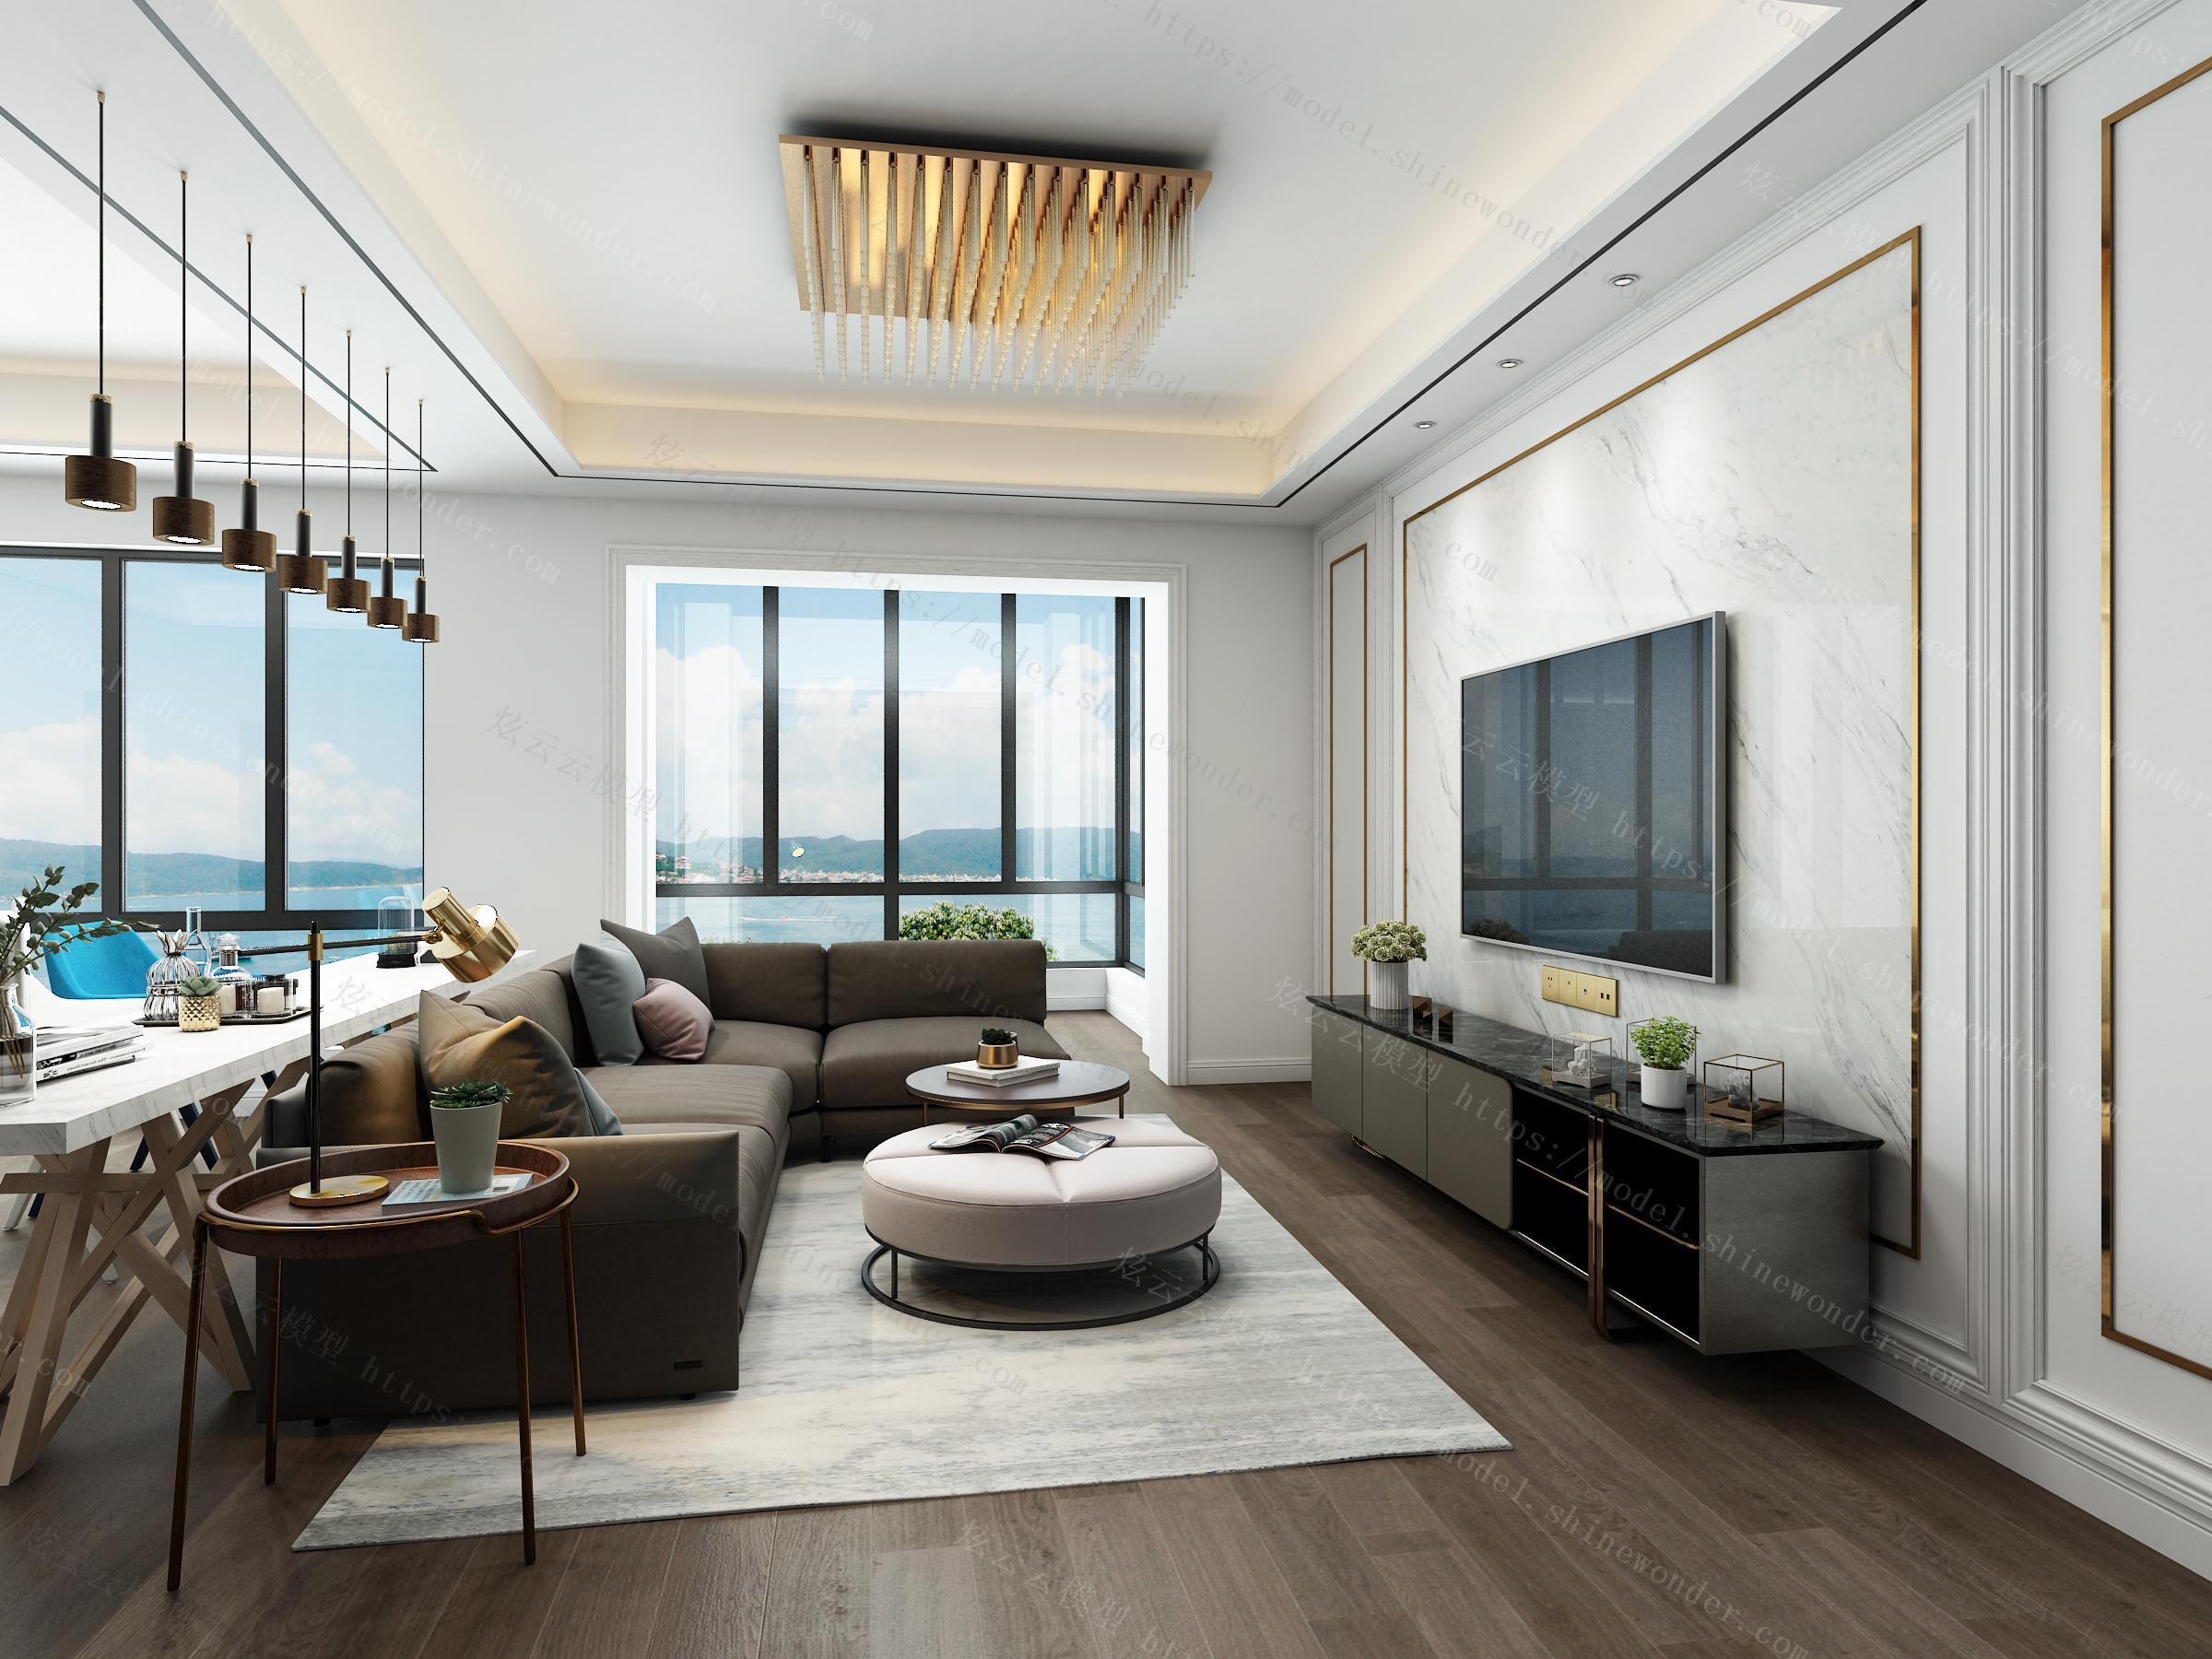 现代简约客厅模型